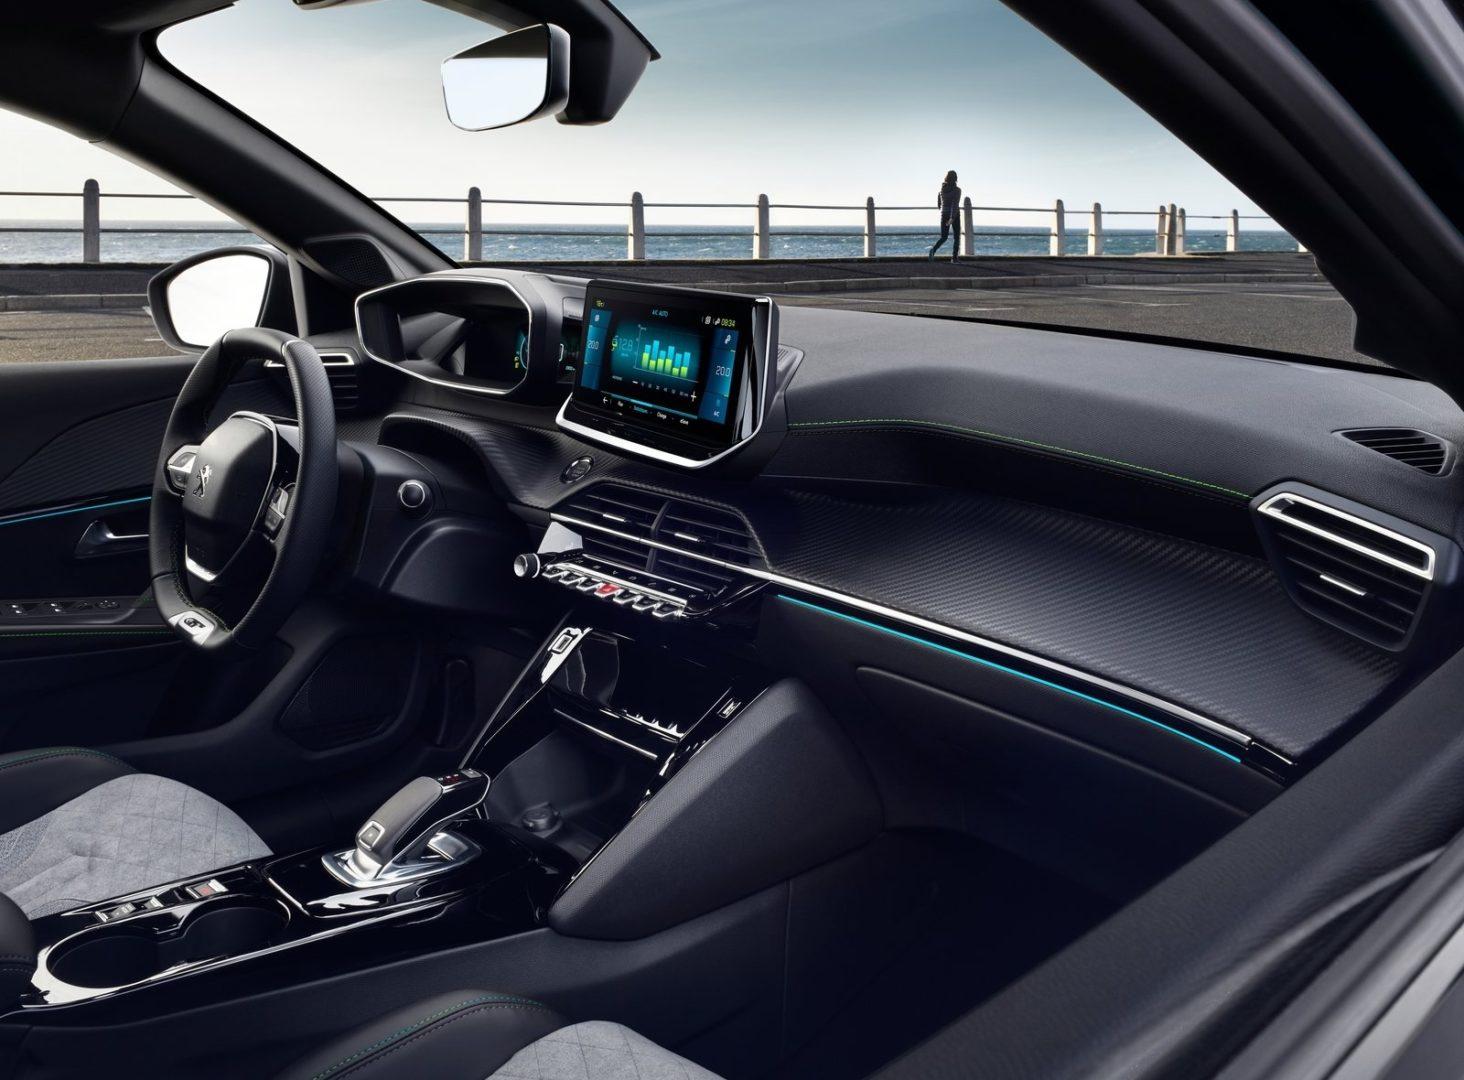 Peugeot 208 Elle Affiche Ses Tarifs The Automobilist